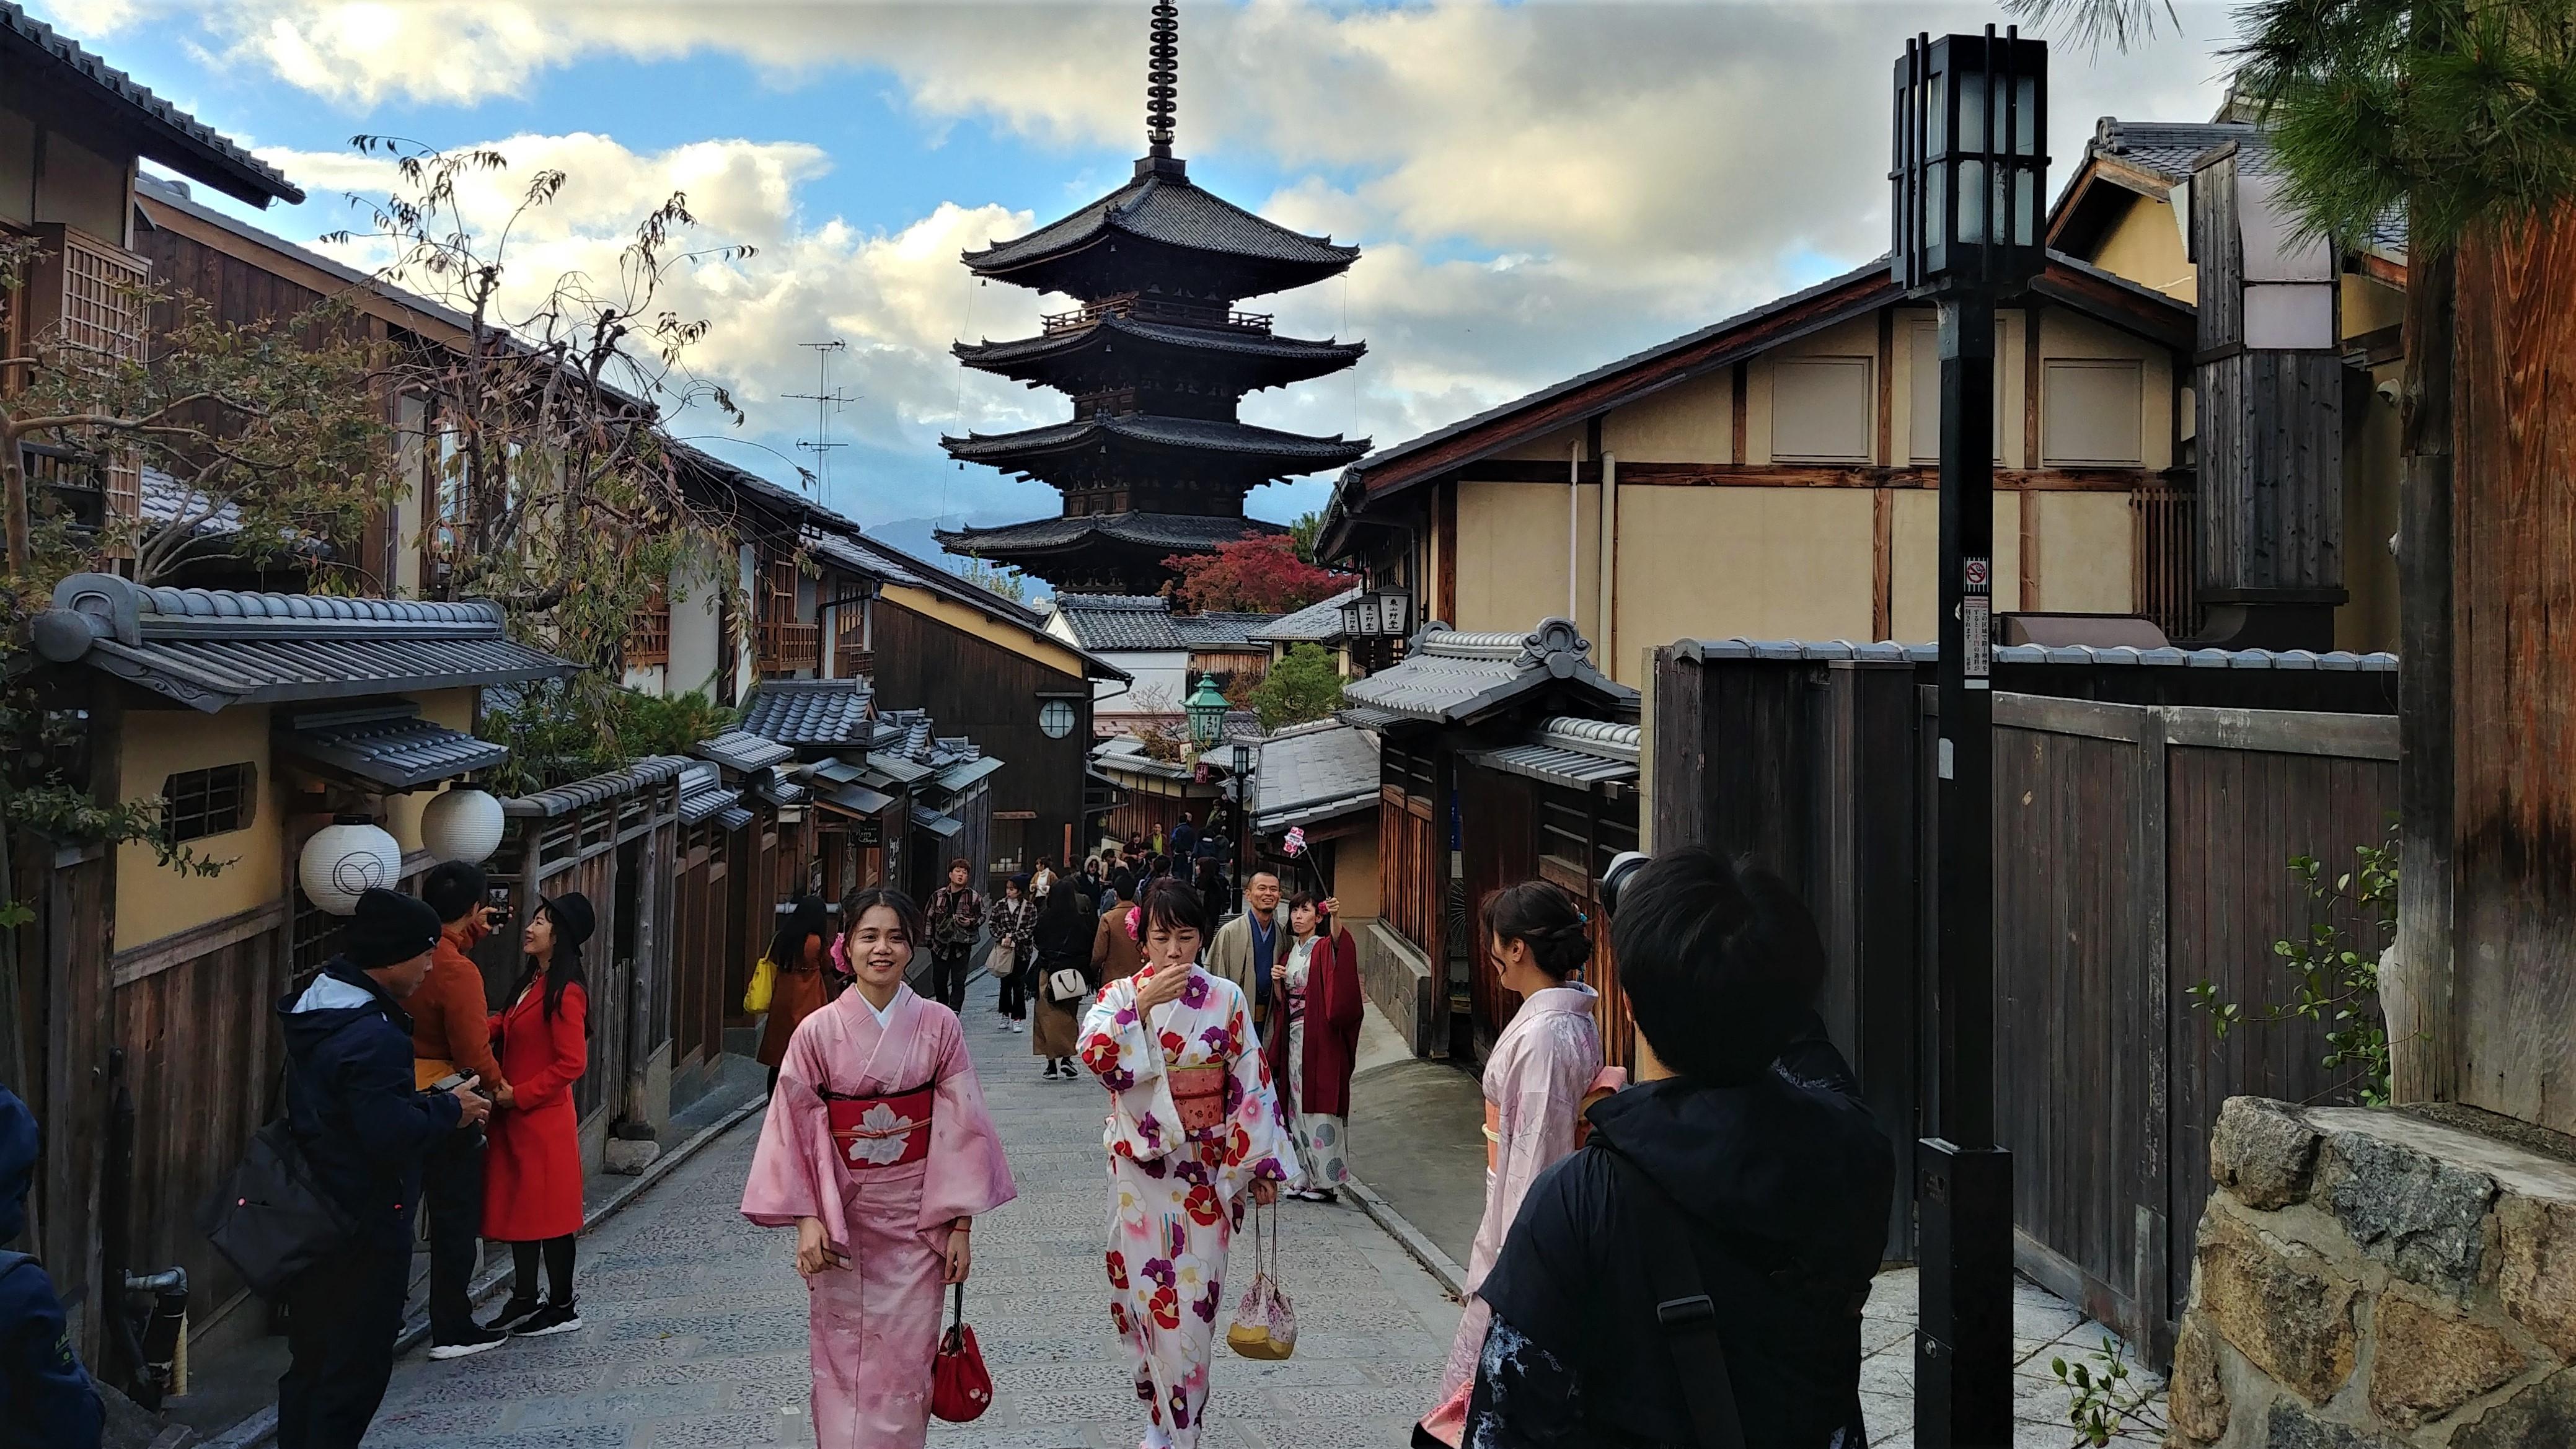 kyoto japon surtourisme automnr blog voyage asie arpenter le chemin